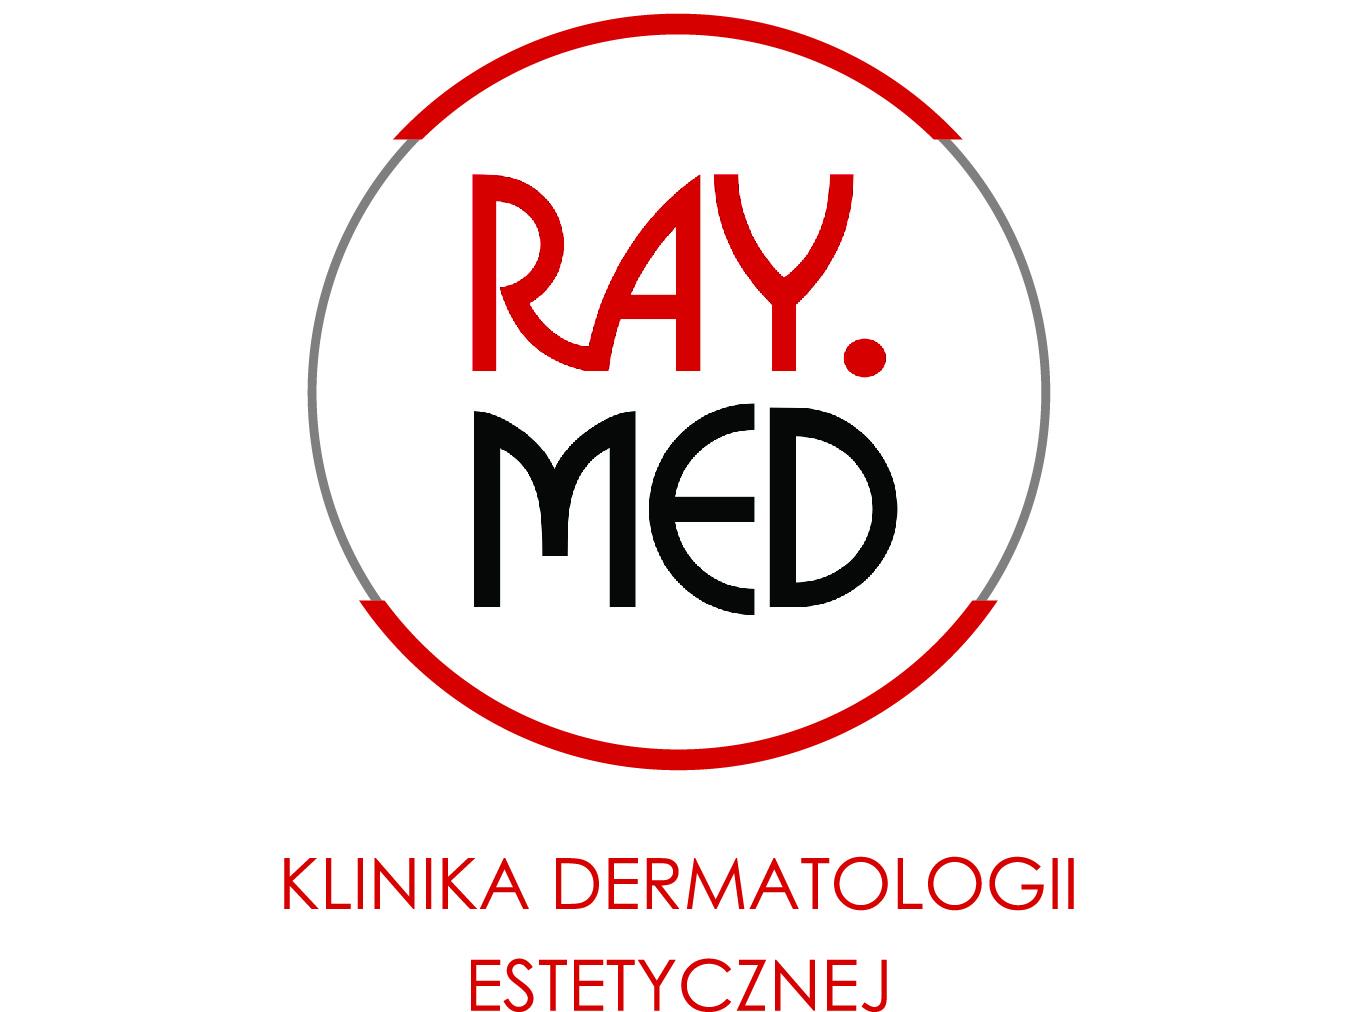 Ray Med